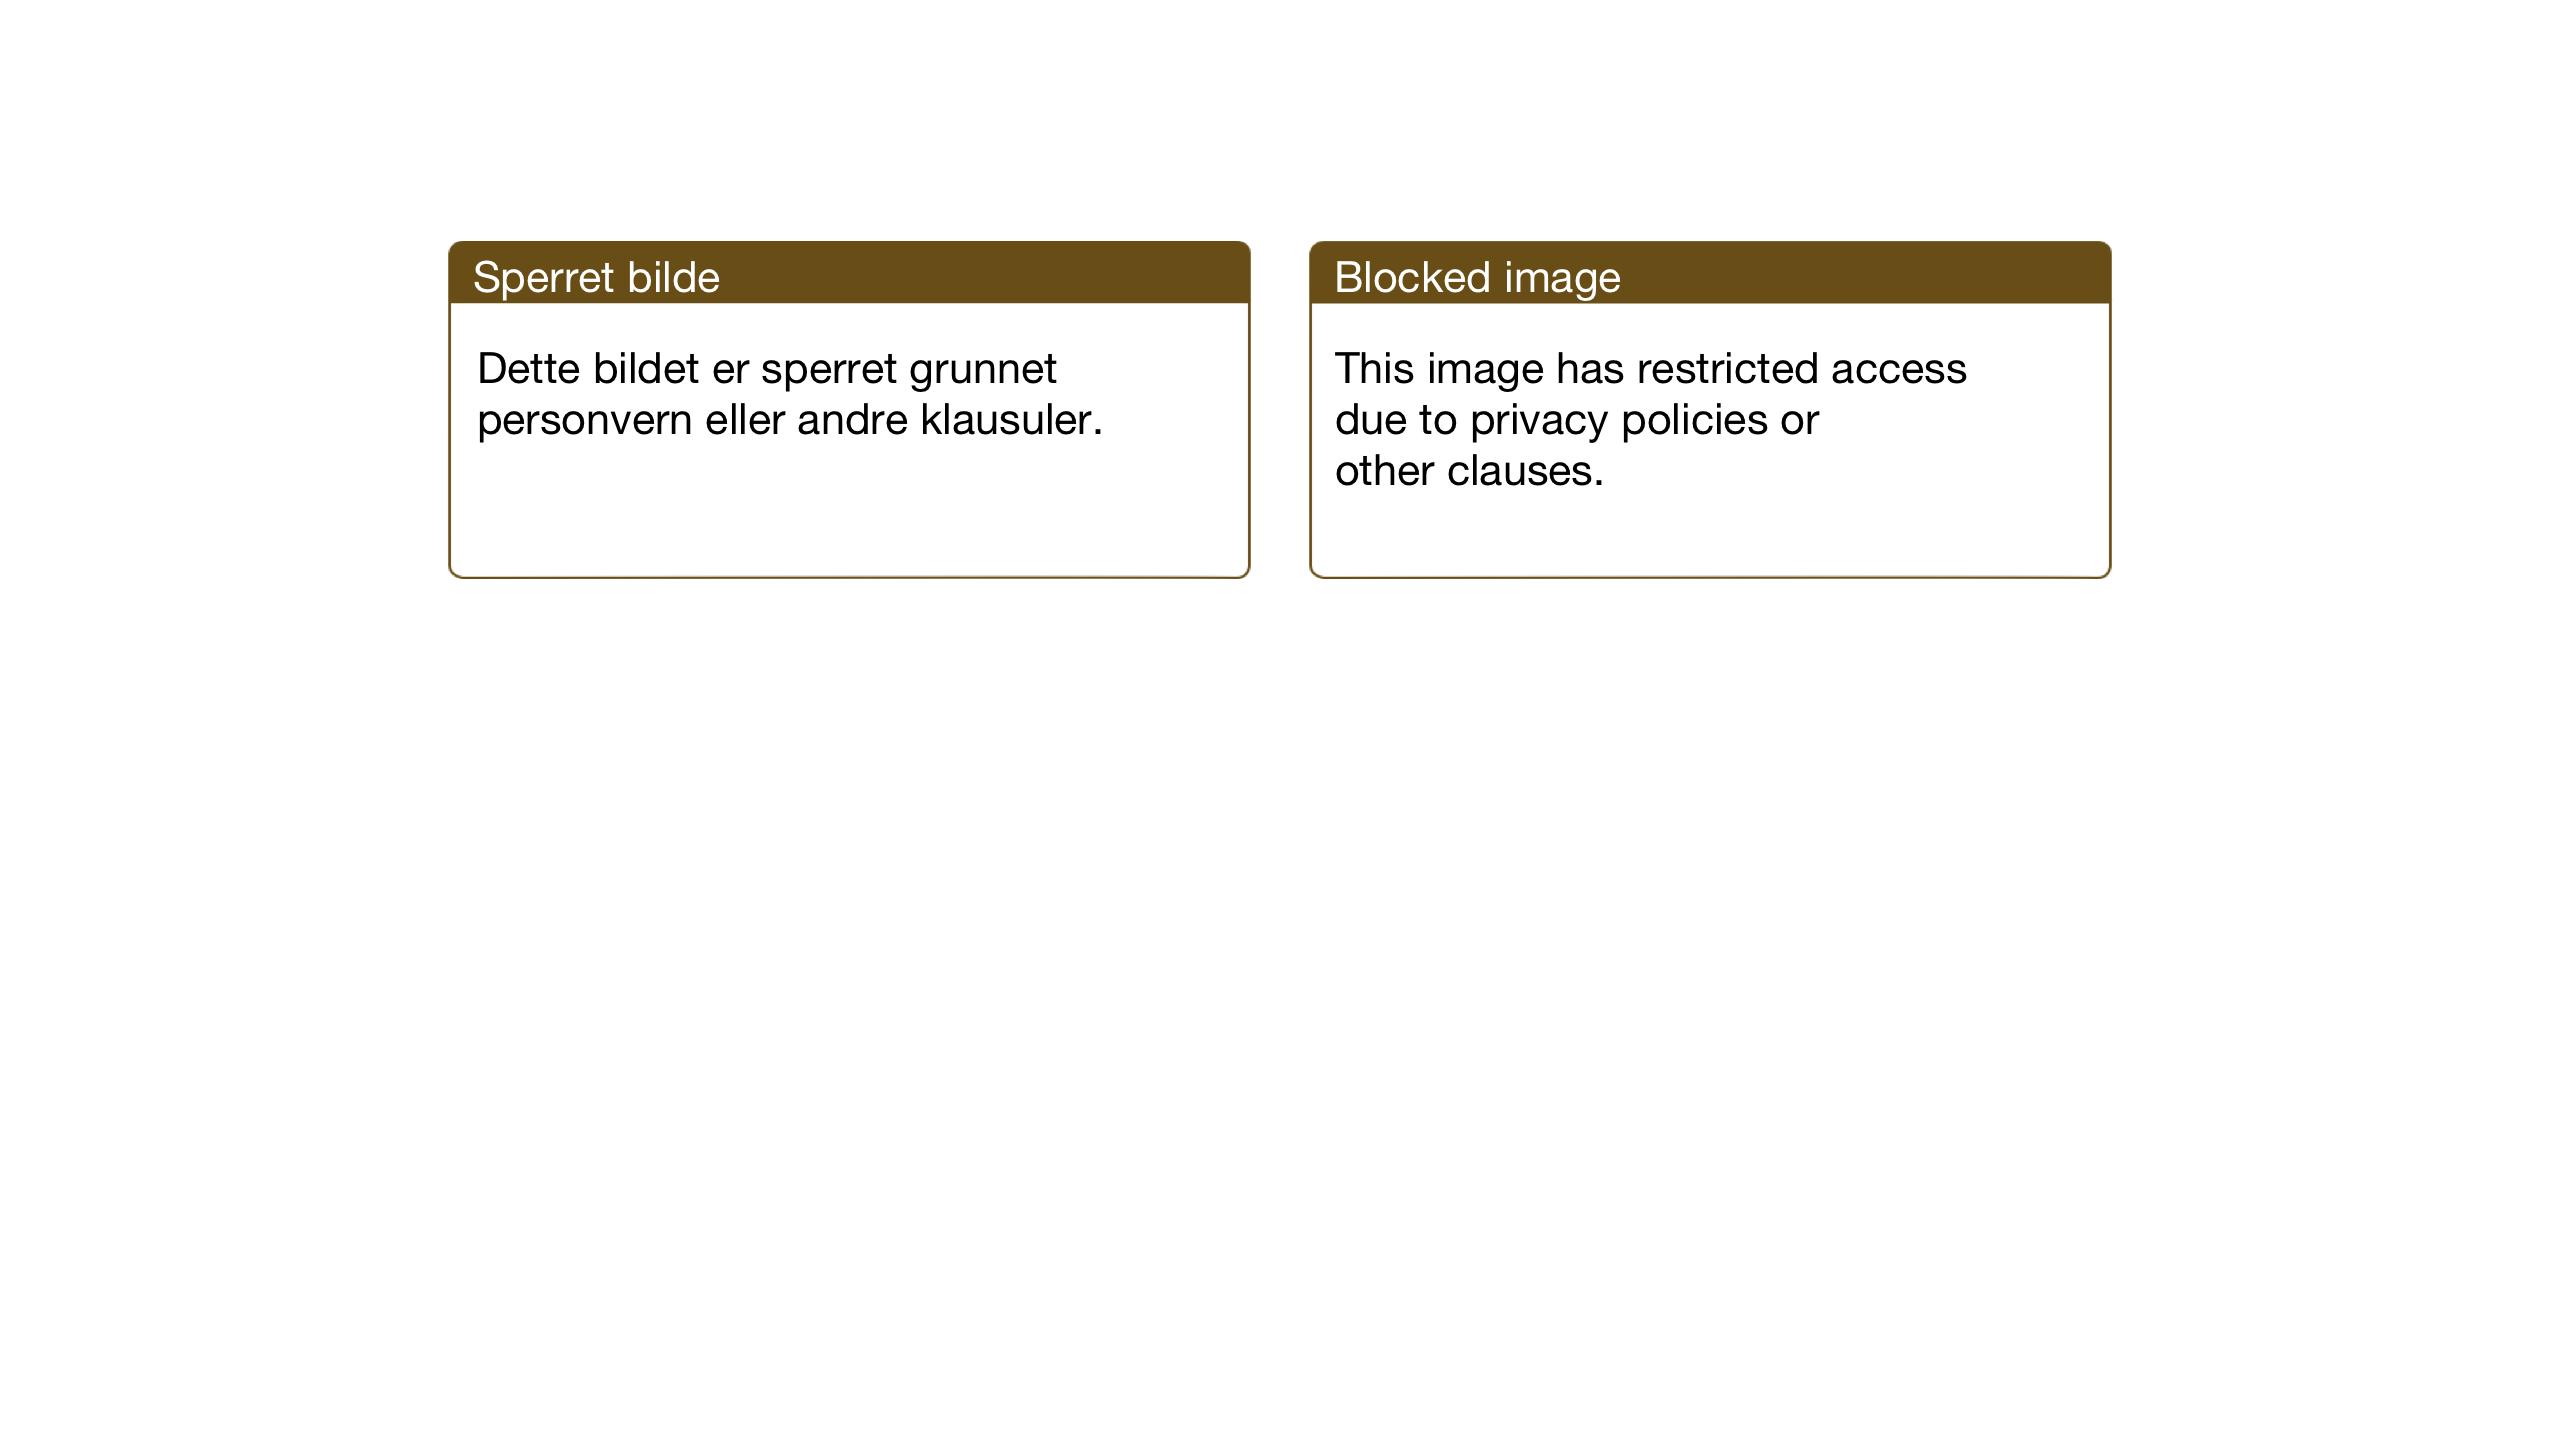 SAT, Ministerialprotokoller, klokkerbøker og fødselsregistre - Nord-Trøndelag, 701/L0019: Klokkerbok nr. 701C03, 1930-1953, s. 41